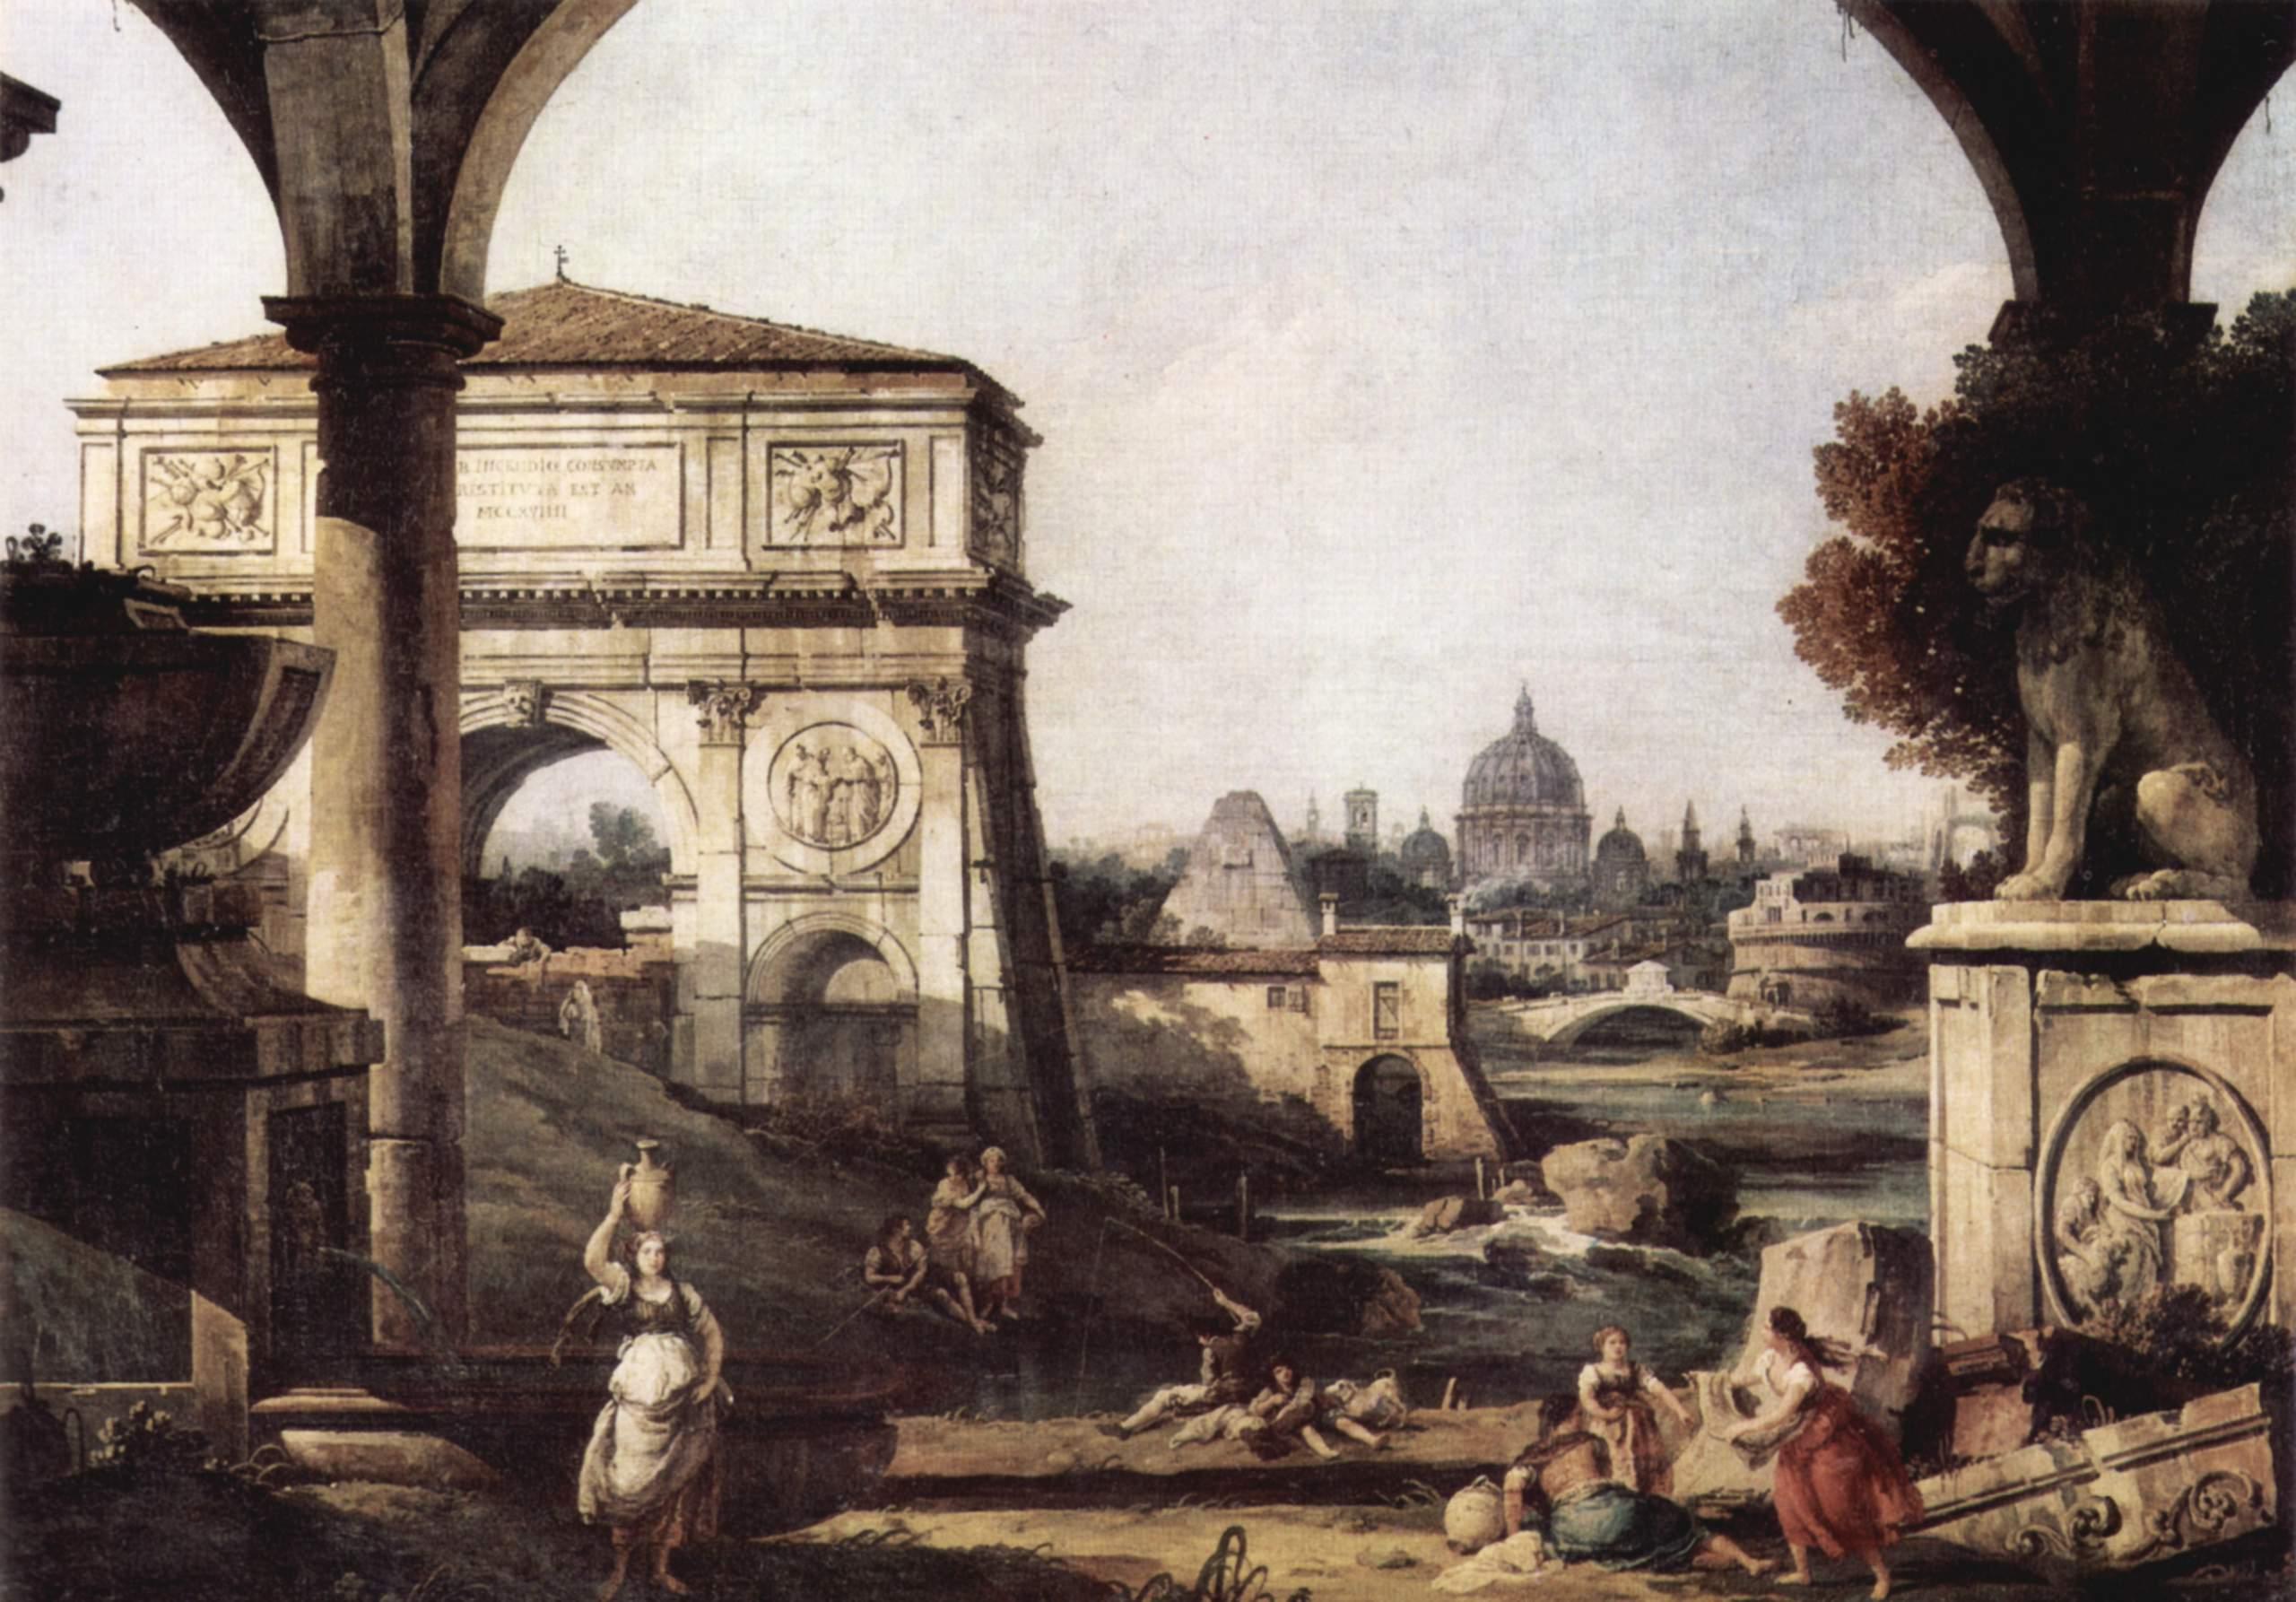 Римское каприччио, арка Тита, Джованни Антонио Каналетто 1